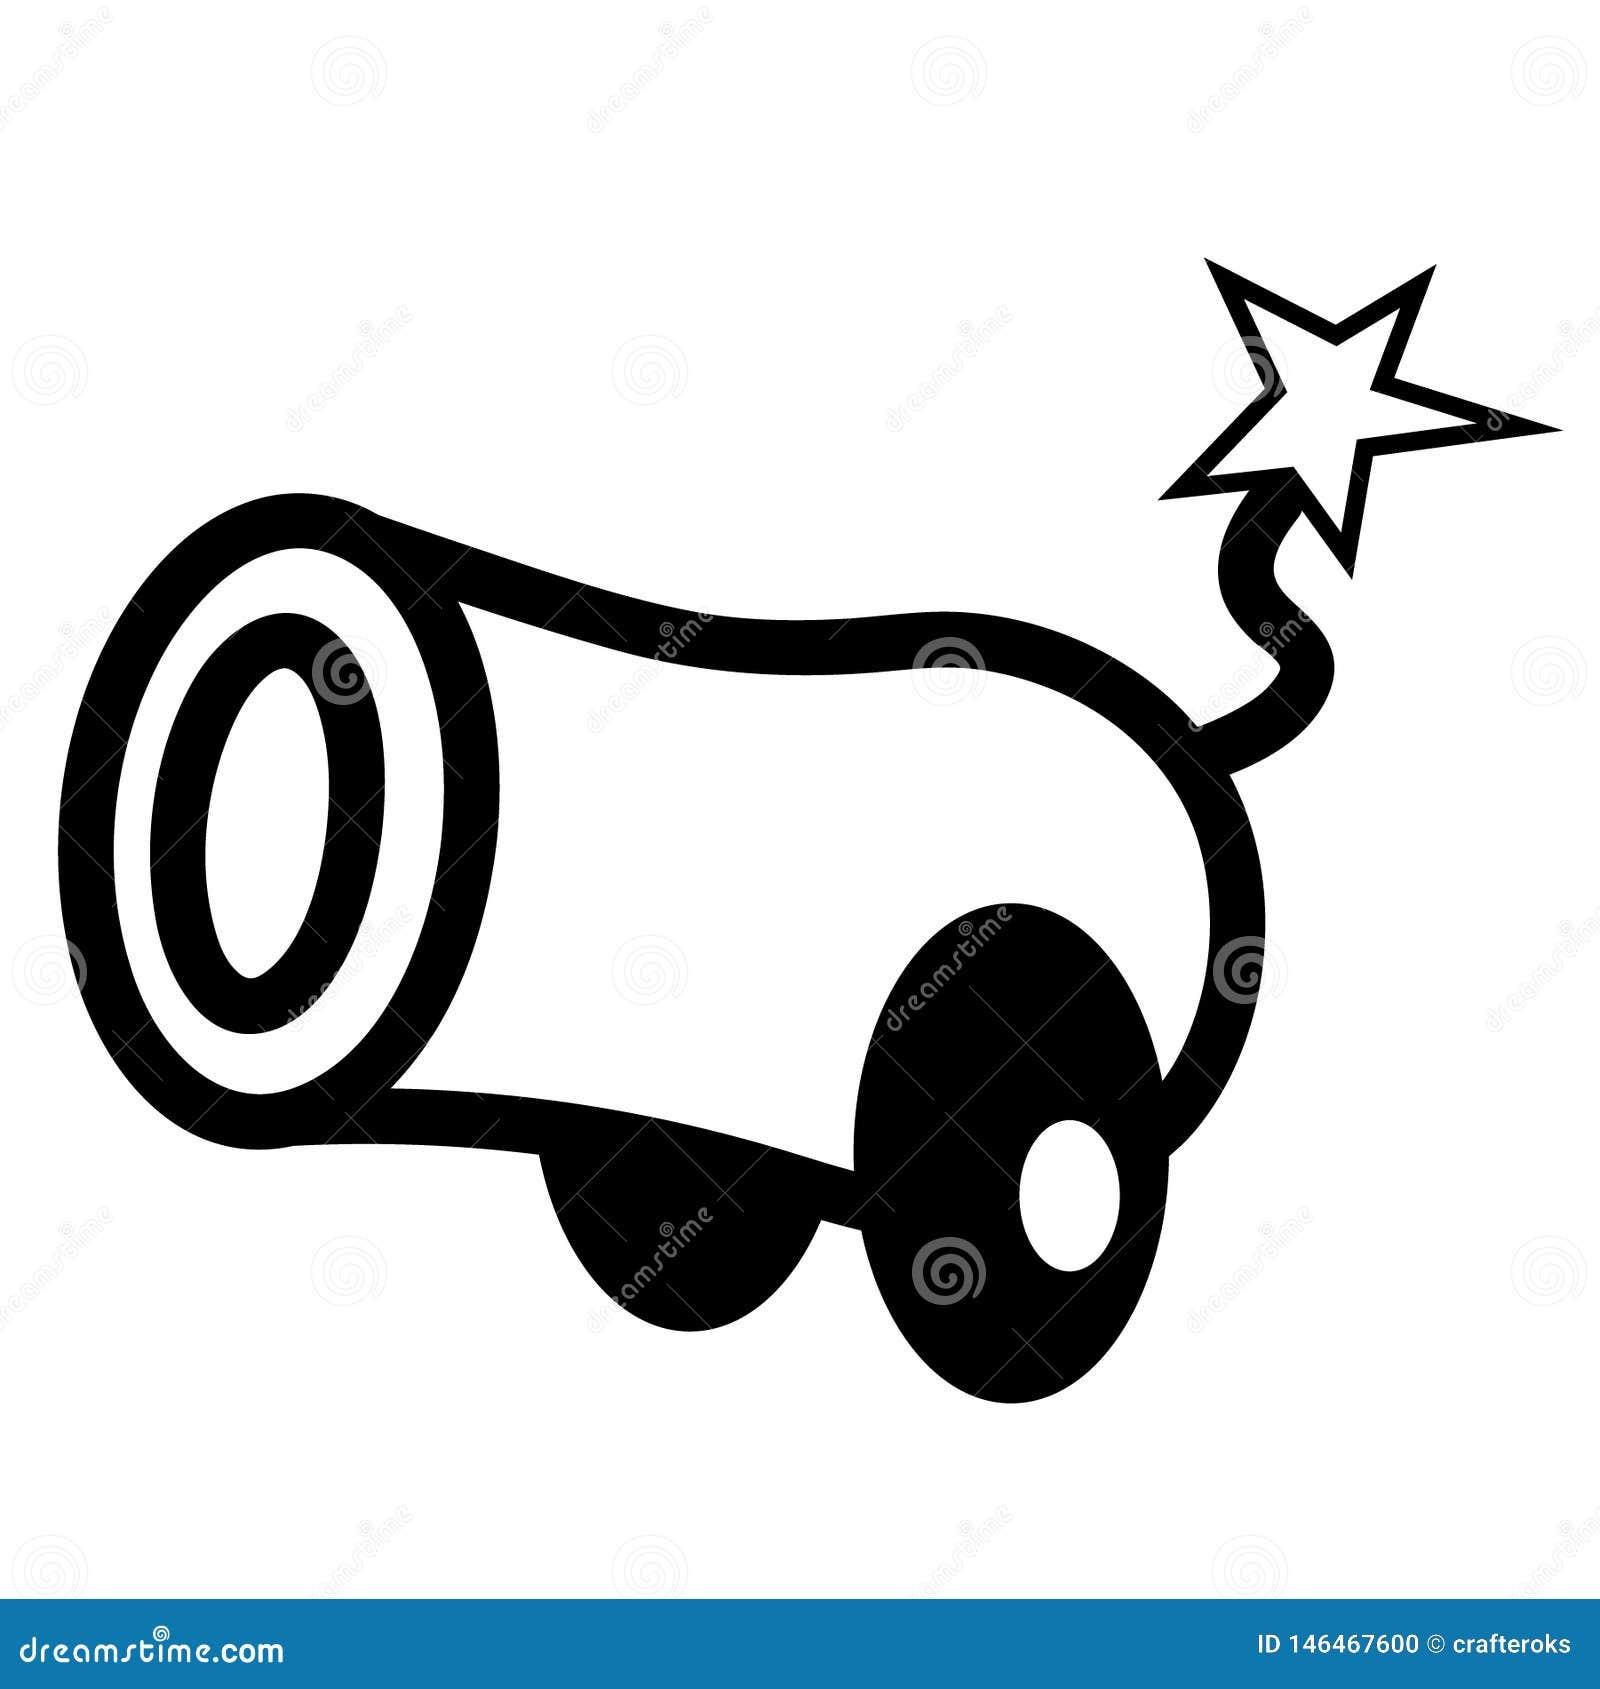 Vettore ENV disegnato a mano, vettore, ENV, logo, icona, crafteroks, illustrazione del cannone della siluetta per gli usi differe